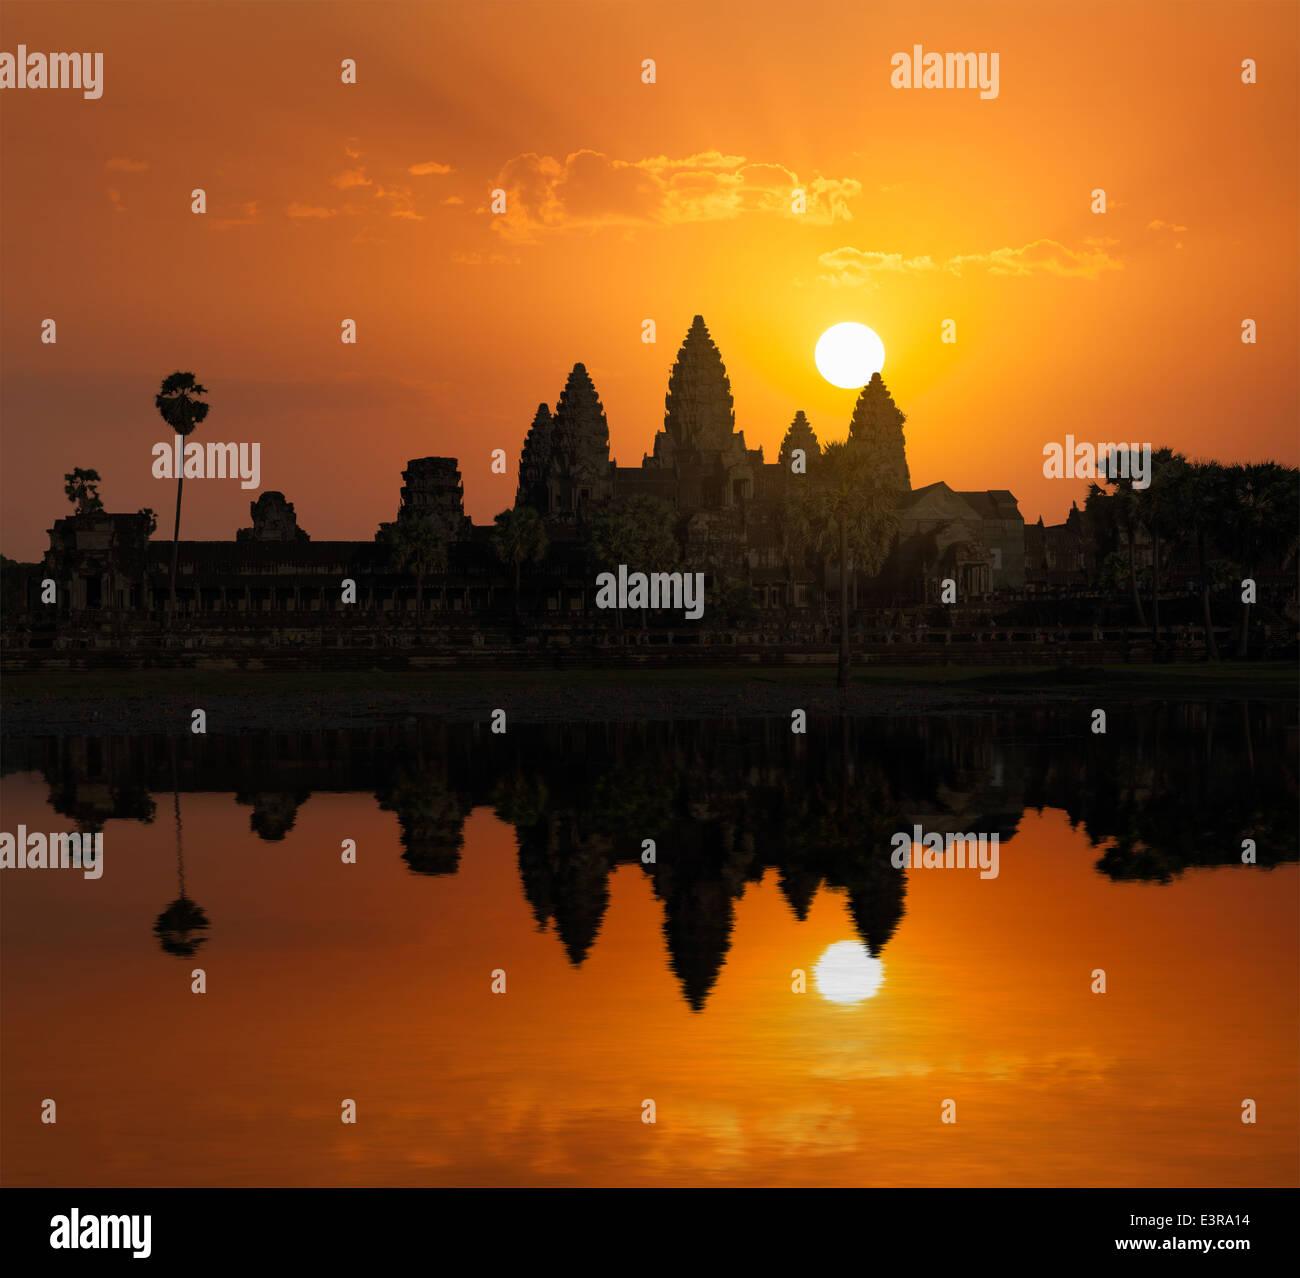 Hito de Camboya Angkor Wat con reflejo en el agua de sunrise Imagen De Stock